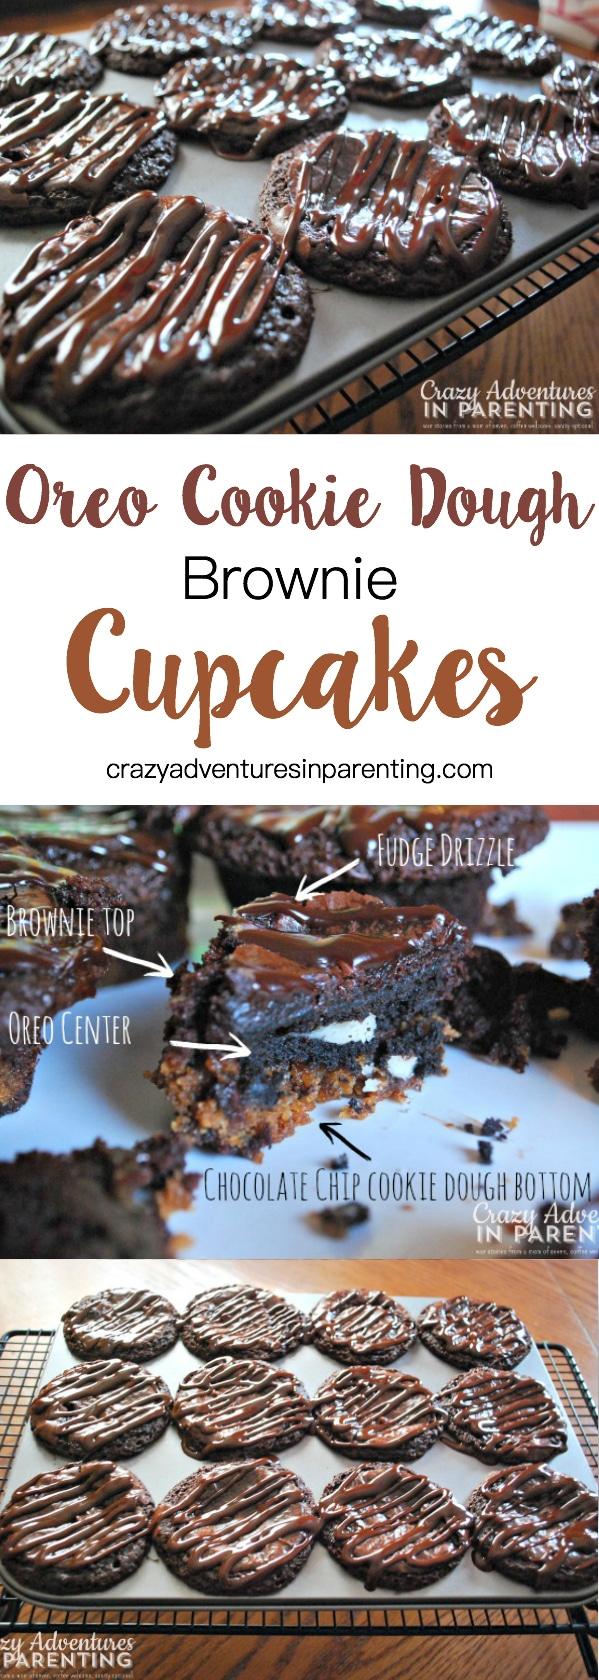 Oreo Cookie Dough Brownie Cupcakes